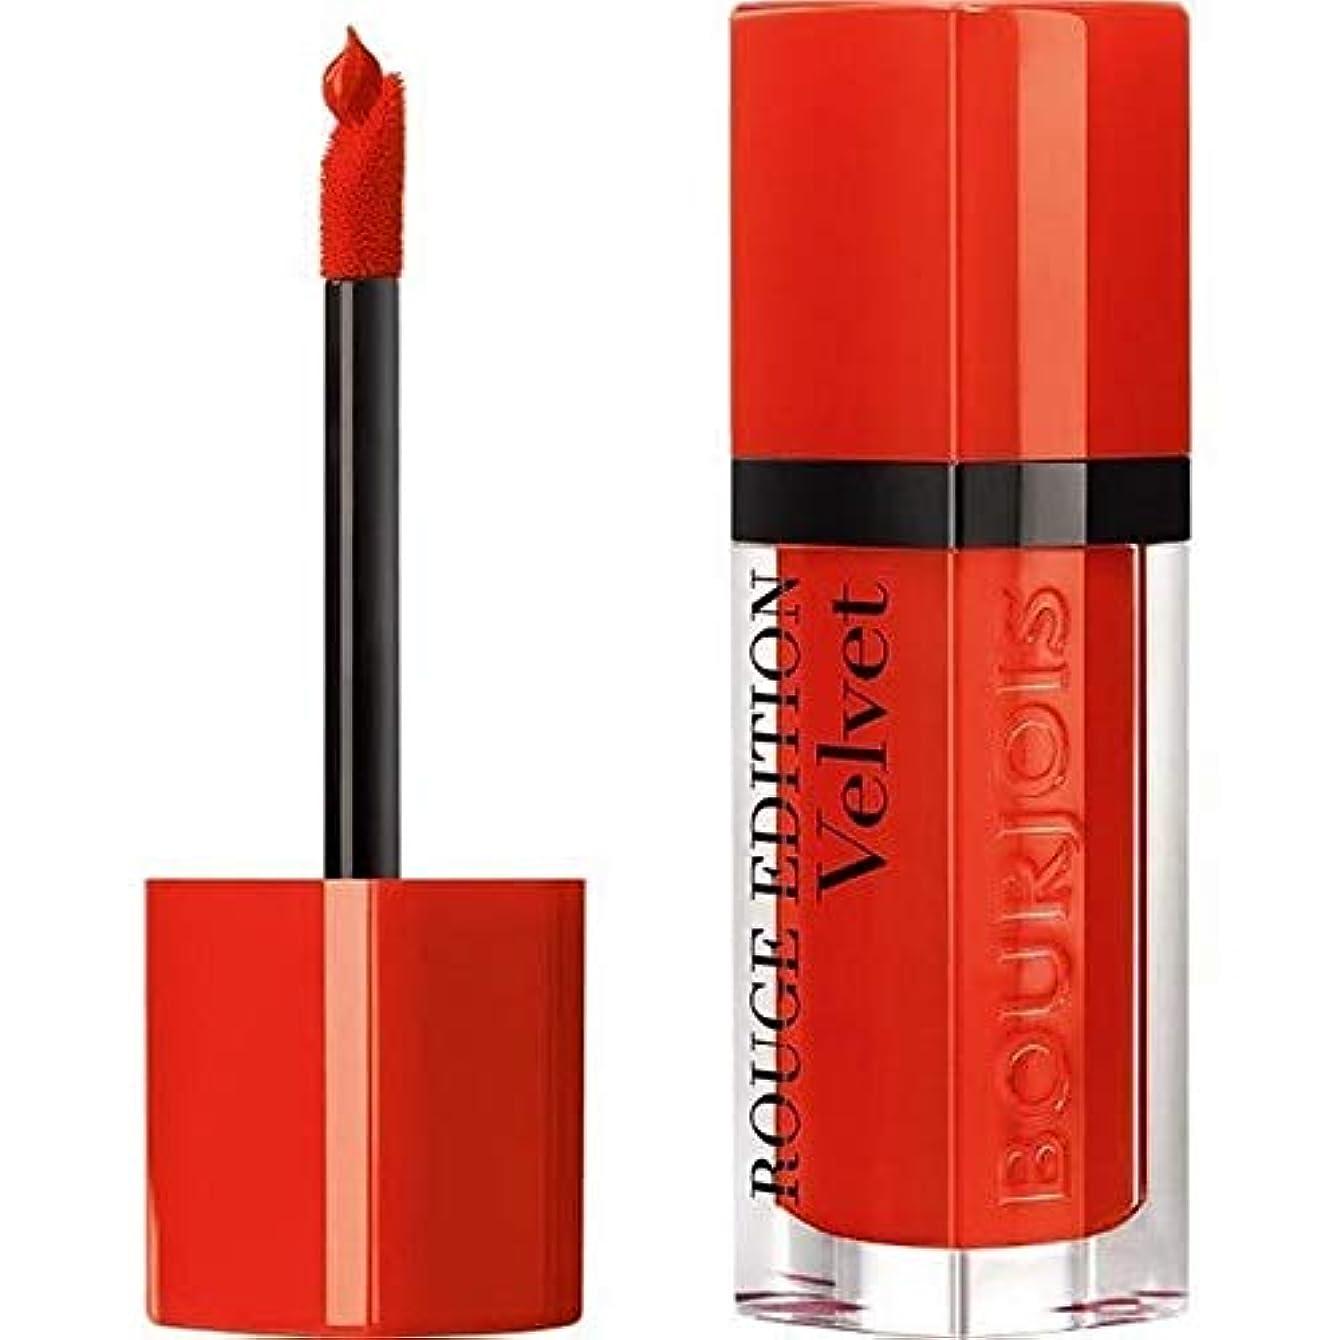 限られた毛皮後ろに[Bourjois ] ブルジョワルージュ版のベルベットの口紅ケシの日20 - Bourjois Rouge Edition Velvet Lipstick Poppy Days 20 [並行輸入品]